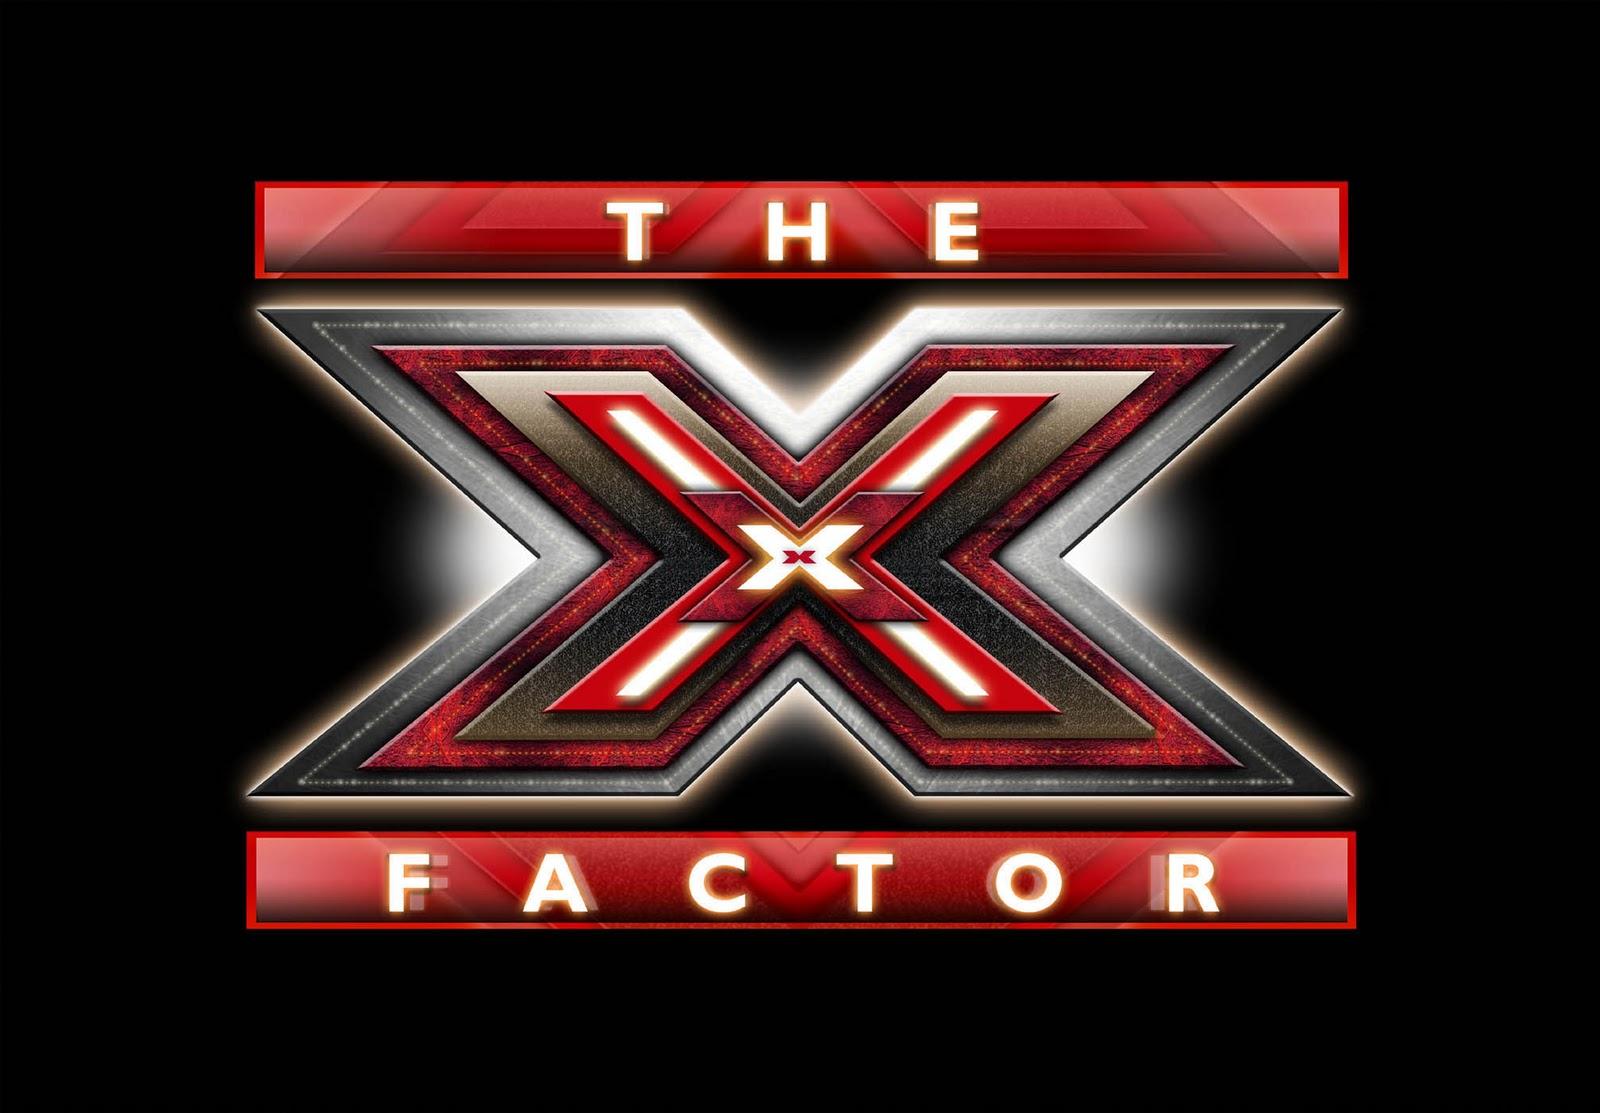 http://4.bp.blogspot.com/-8Z3KpF6a4MM/TsgK7cAM3mI/AAAAAAAABzY/iu8vfvZh_hE/s1600/x_factor_logo.jpg